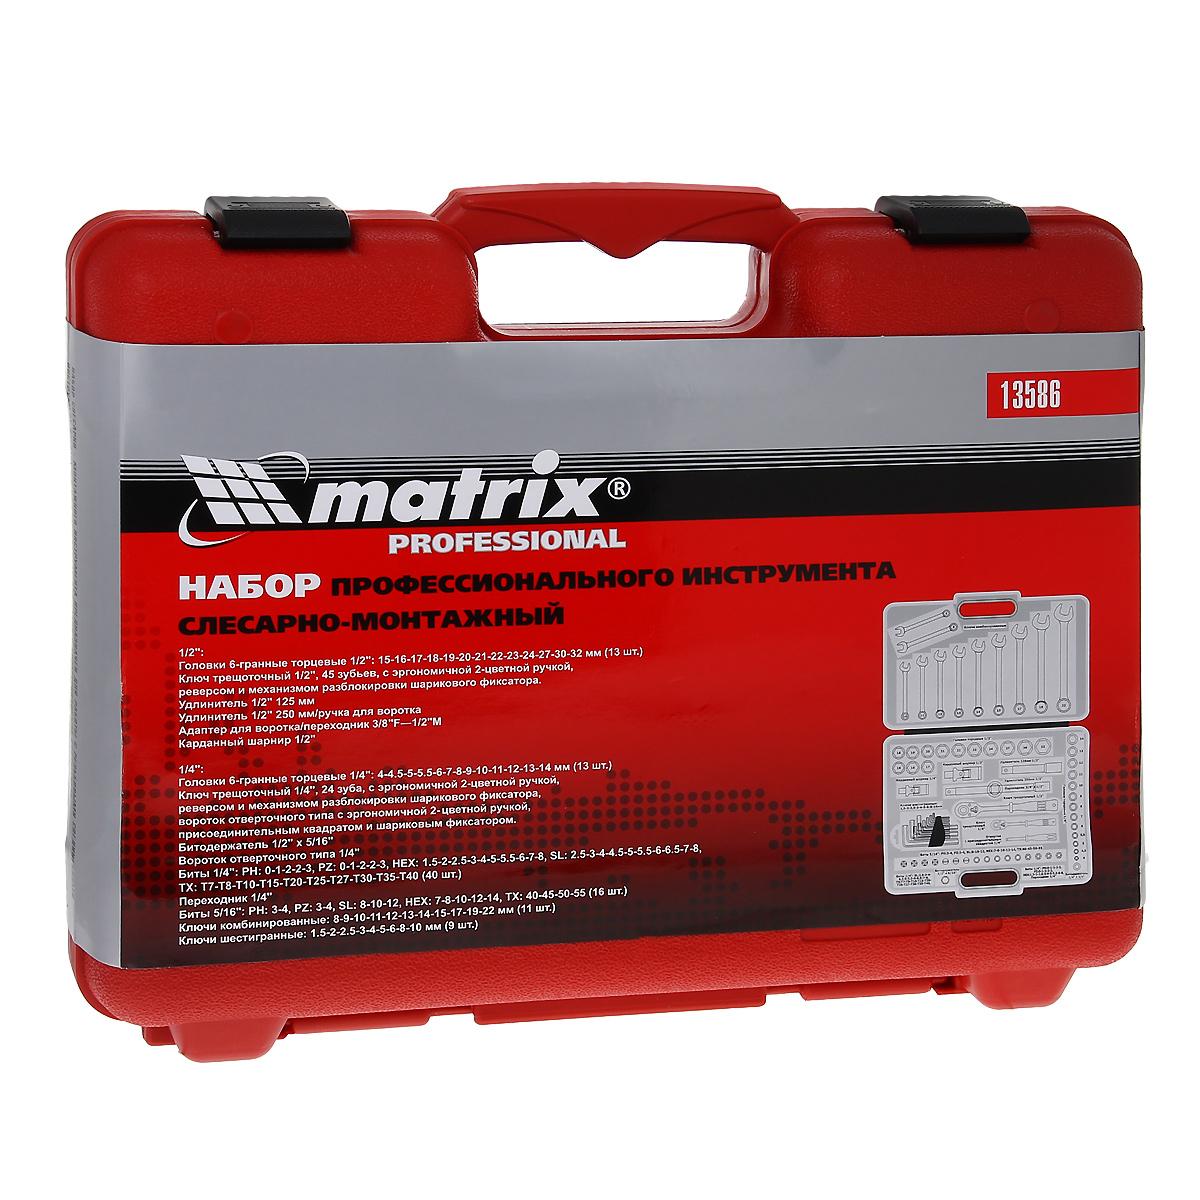 Набор слесарно-монтажный Matrix, 112 предметов13586Слесарно-монтажный набор Matrix предназначен для монтажа и демонтажа резьбовых соединений. Инструменты выполнены из хромованадиевой стали с хромированным покрытием, что обеспечивает высокое качество и долговечность. Состав набора: 1/2: Головки шестигранные торцевые: 15 мм, 16 мм, 17 мм, 18 мм, 19 мм, 20 мм, 21 мм, 22 мм, 23 мм, 24 мм, 27 мм, 30 мм, 32 мм. Ключ трещоточный, 45 зубьев, с эргономичной двухцветной ручкой, реверсом и механизмом разблокировки шарикового фиксатора. Удлинитель 125 мм. Удлинитель 250 мм/ручка для воротка. Адаптер для воротка/переходник 3/8F-1/2M. Карданный шарнир. 1/4: Головки шестигранные торцевые: 4 мм, 4,5 мм, 5 мм, 5,5 мм, 6 мм, 7 мм, 8 мм, 9 мм, 10 мм, 11 мм, 12 мм, 13 мм, 14 мм. Ключ трещоточный, 24 зуба, с эргономичной двухцветной ручкой, реверсом и механизмом разблокировки шарикового фиксатора. Вороток отверточного типа с эргономичной двухцветной ручкой, присоединительным квадратом и...